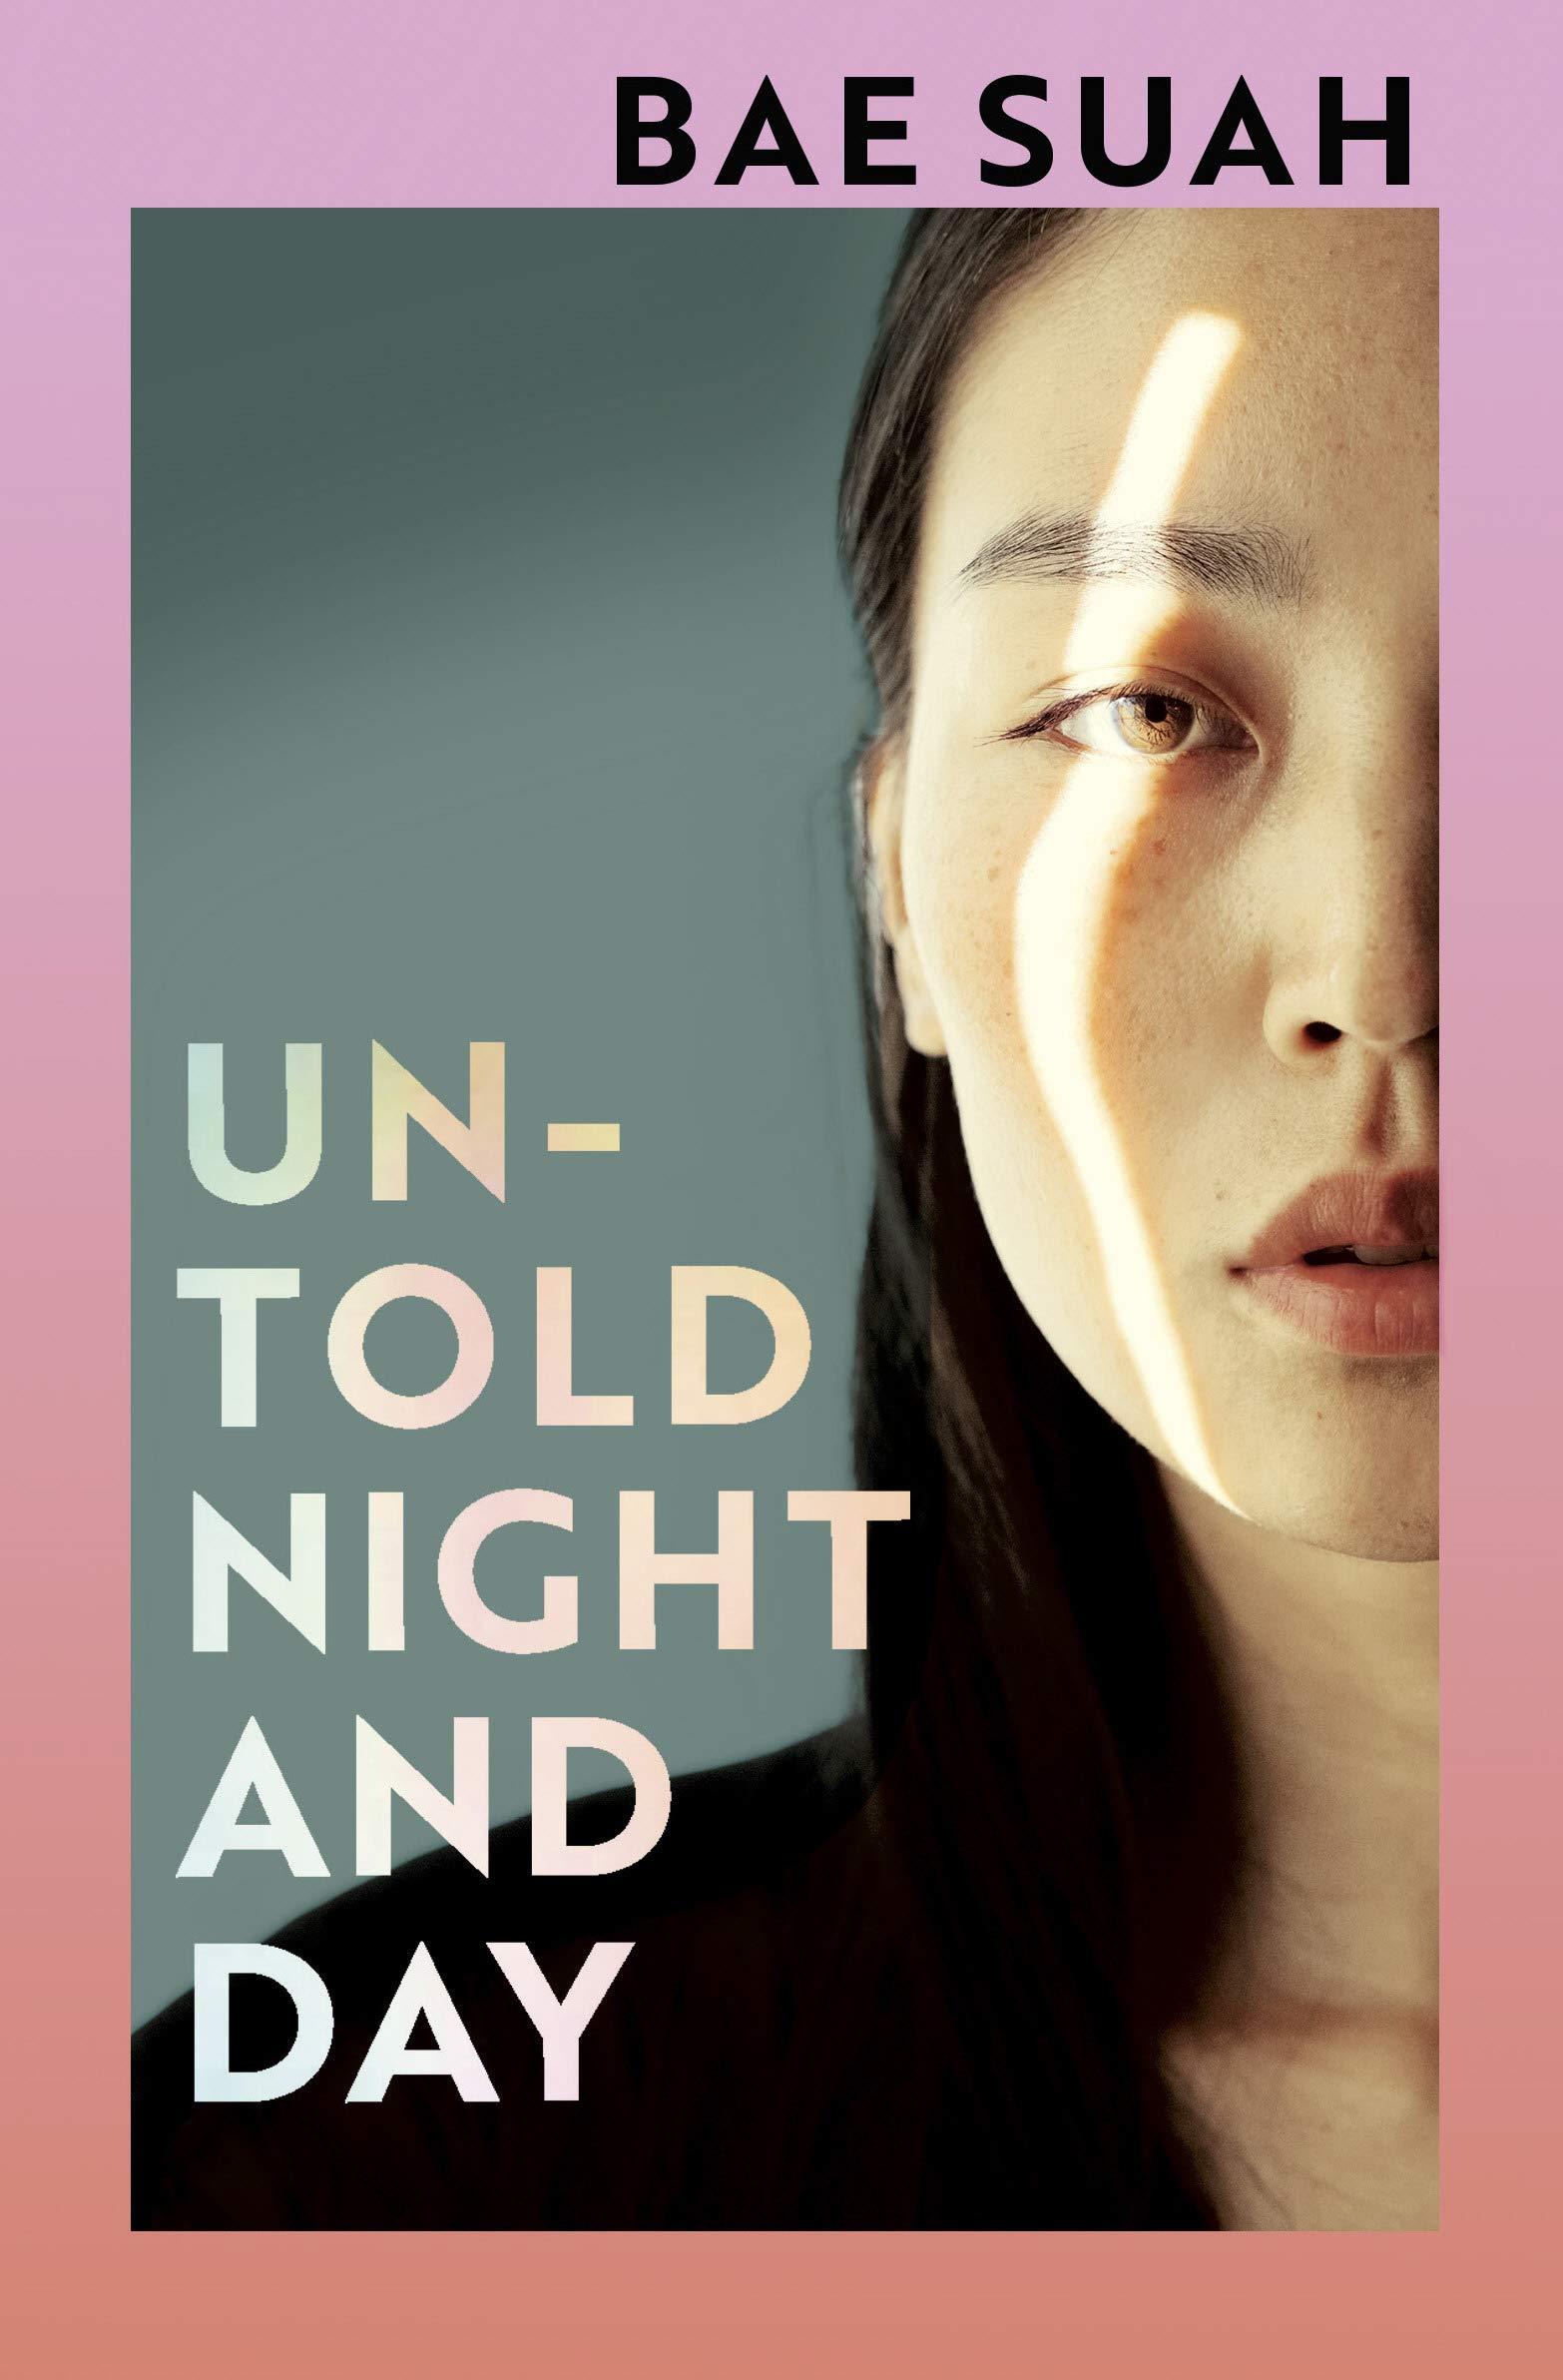 Untold Night and Day: Amazon.es: Suah, Bae, Smith, Deborah: Libros ...